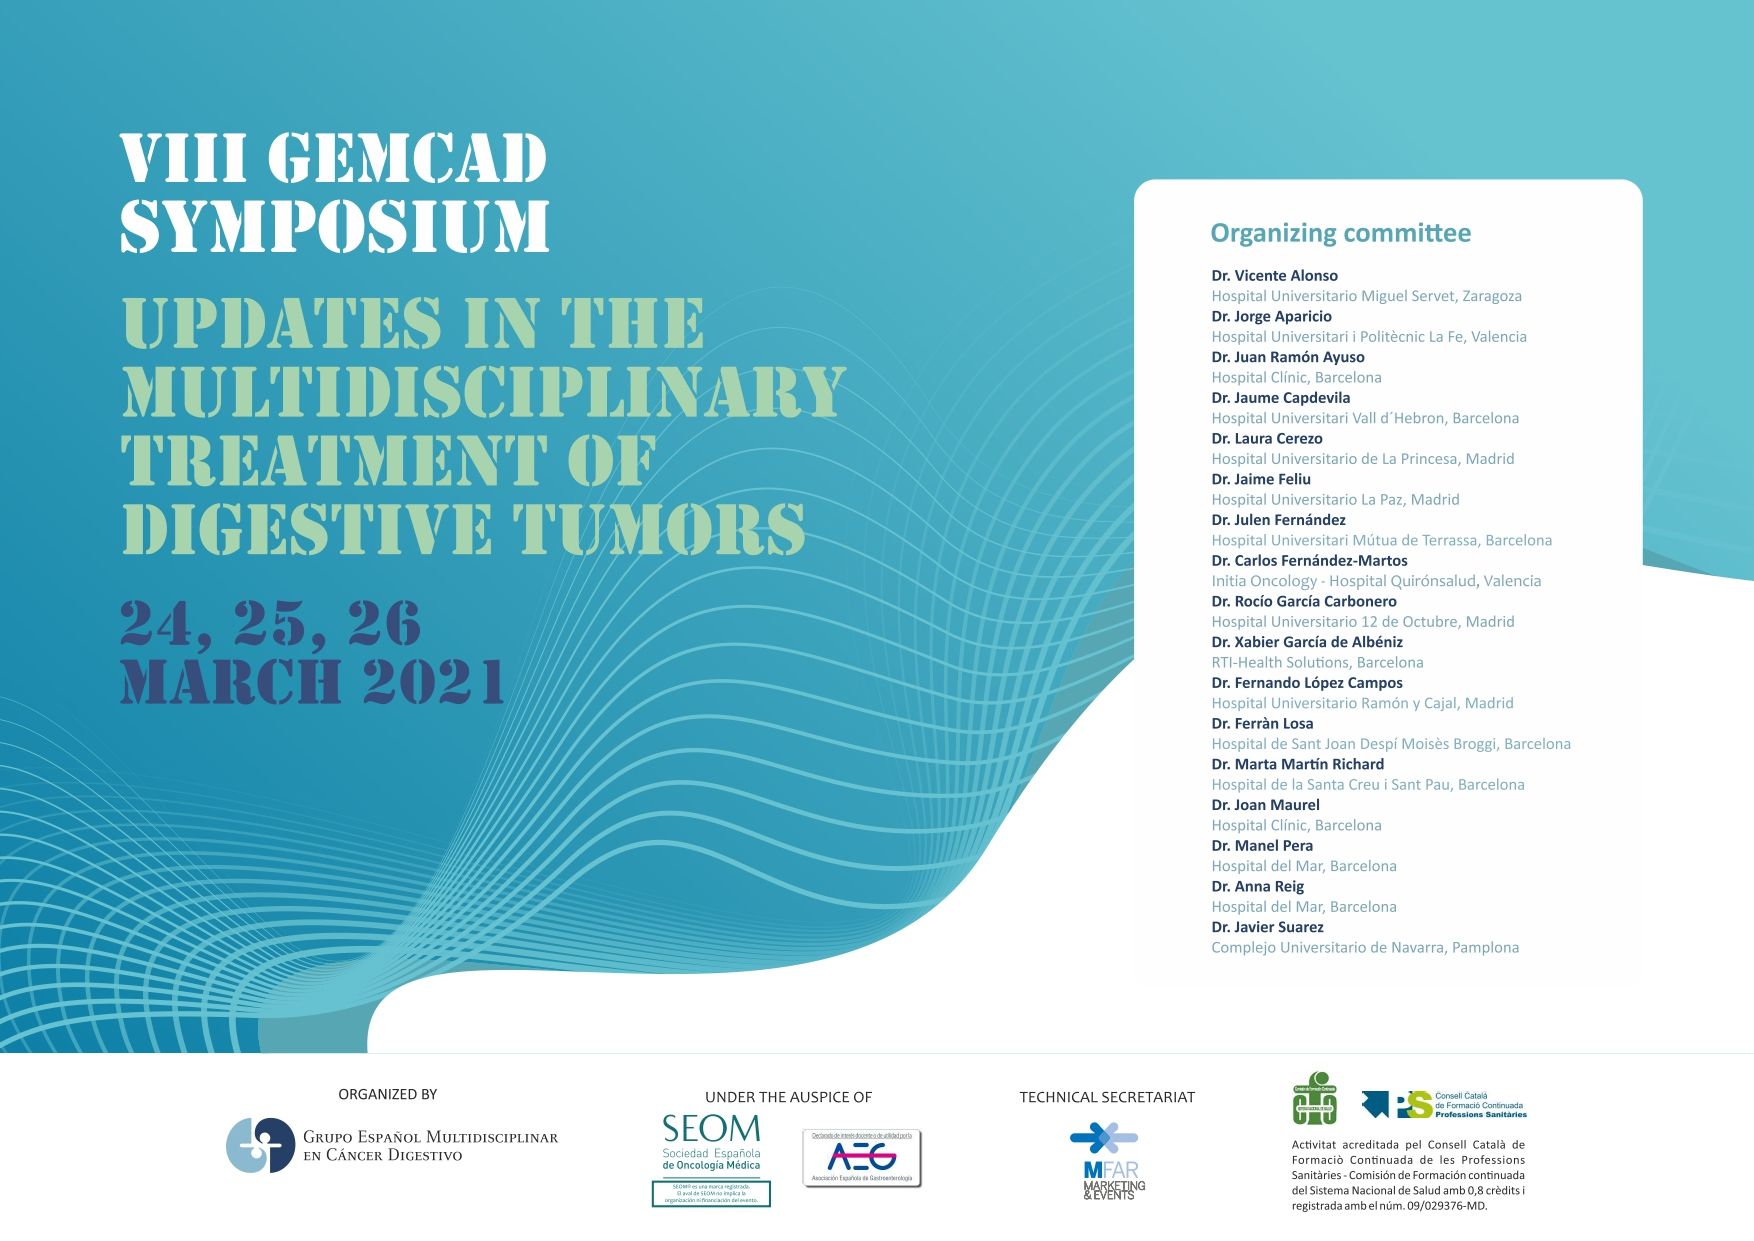 Simposio_GEMCAD2021_Programa_científico_DIFUSIÓN_(5)_page-0001.jpg